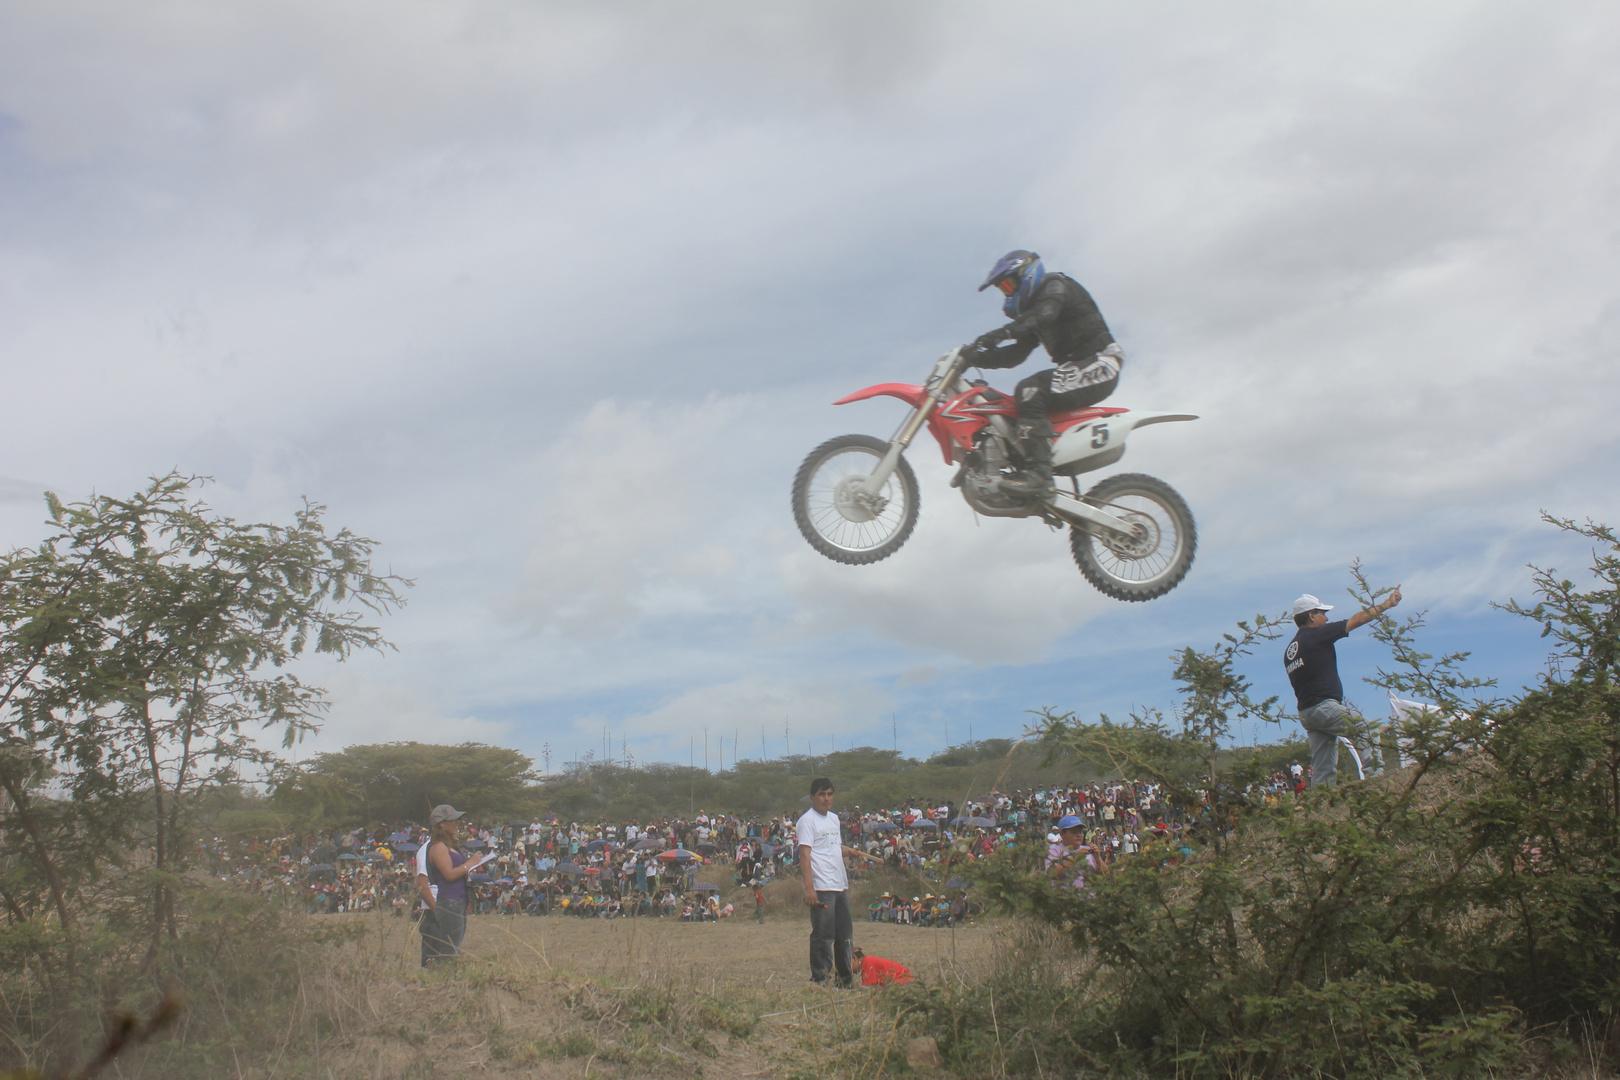 Competencia de Motocross en San marcos Cajamarca perú